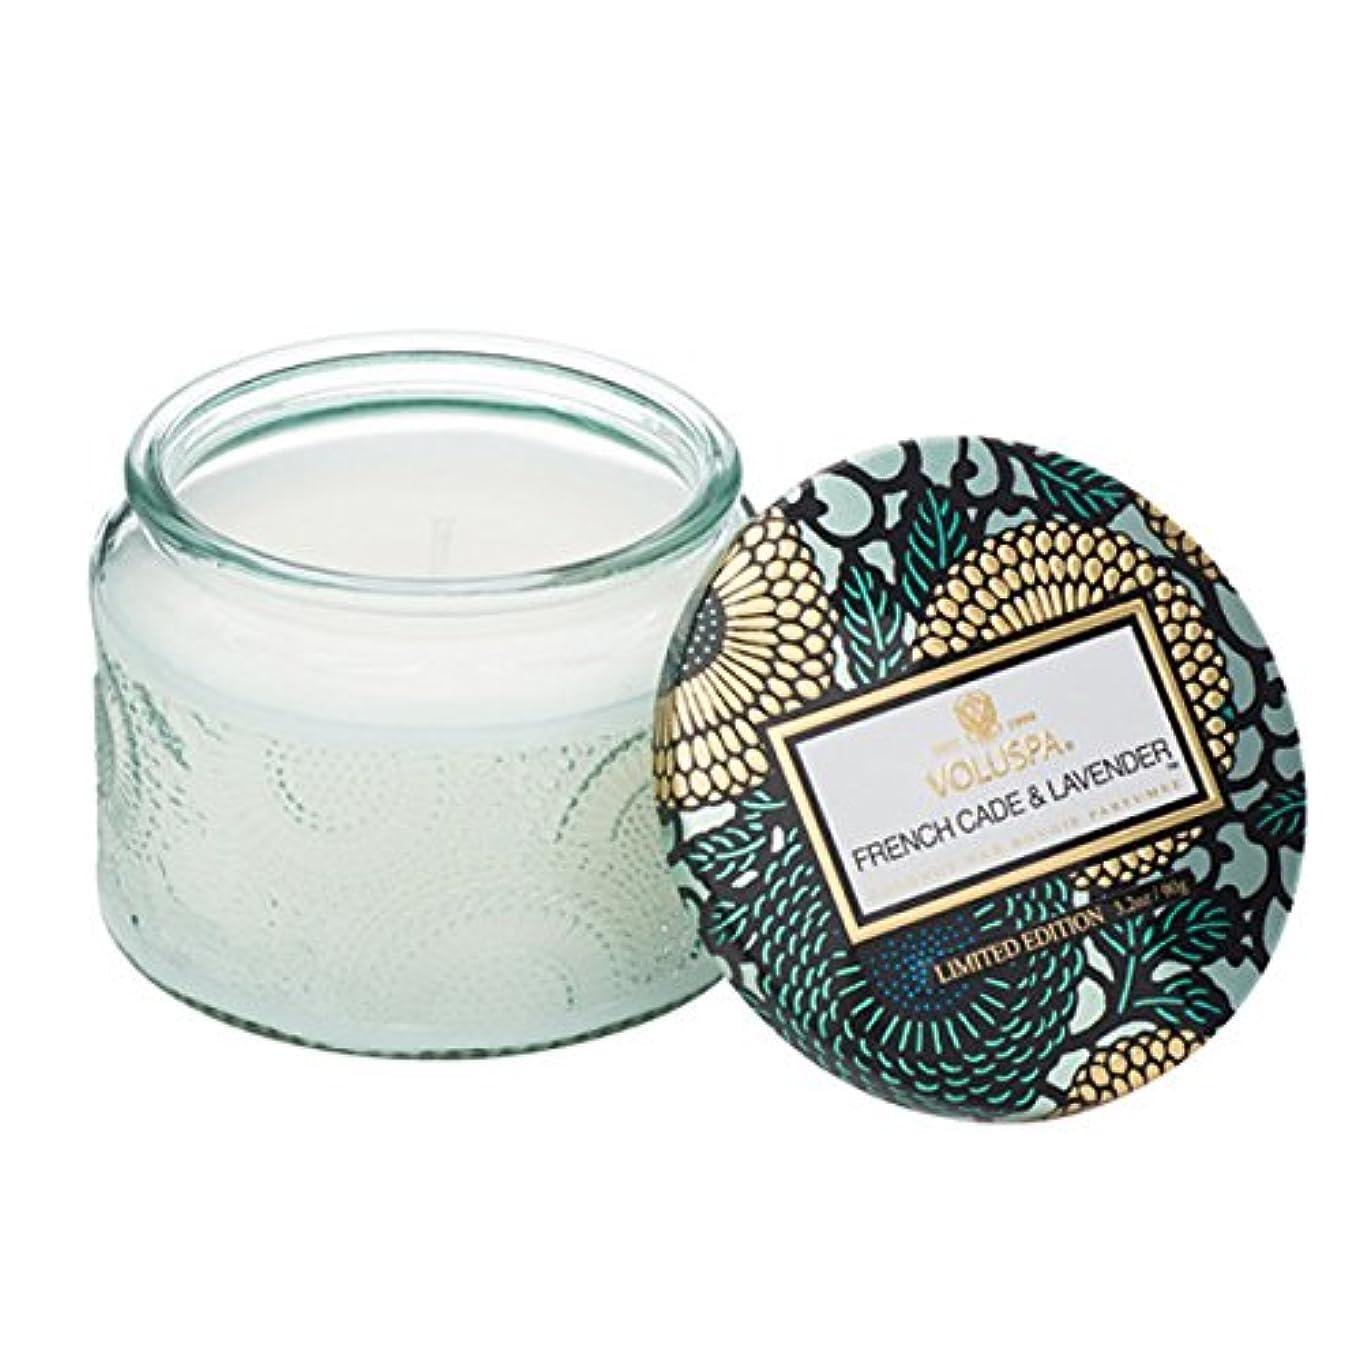 くしゃくしゃよく話されるスプレーVoluspa ボルスパ ジャポニカ リミテッド グラスジャーキャンドル  S フレンチケード&ラベンダー FRENCH CADE LAVENDER  JAPONICA Limited PETITE EMBOSSED Glass jar candle